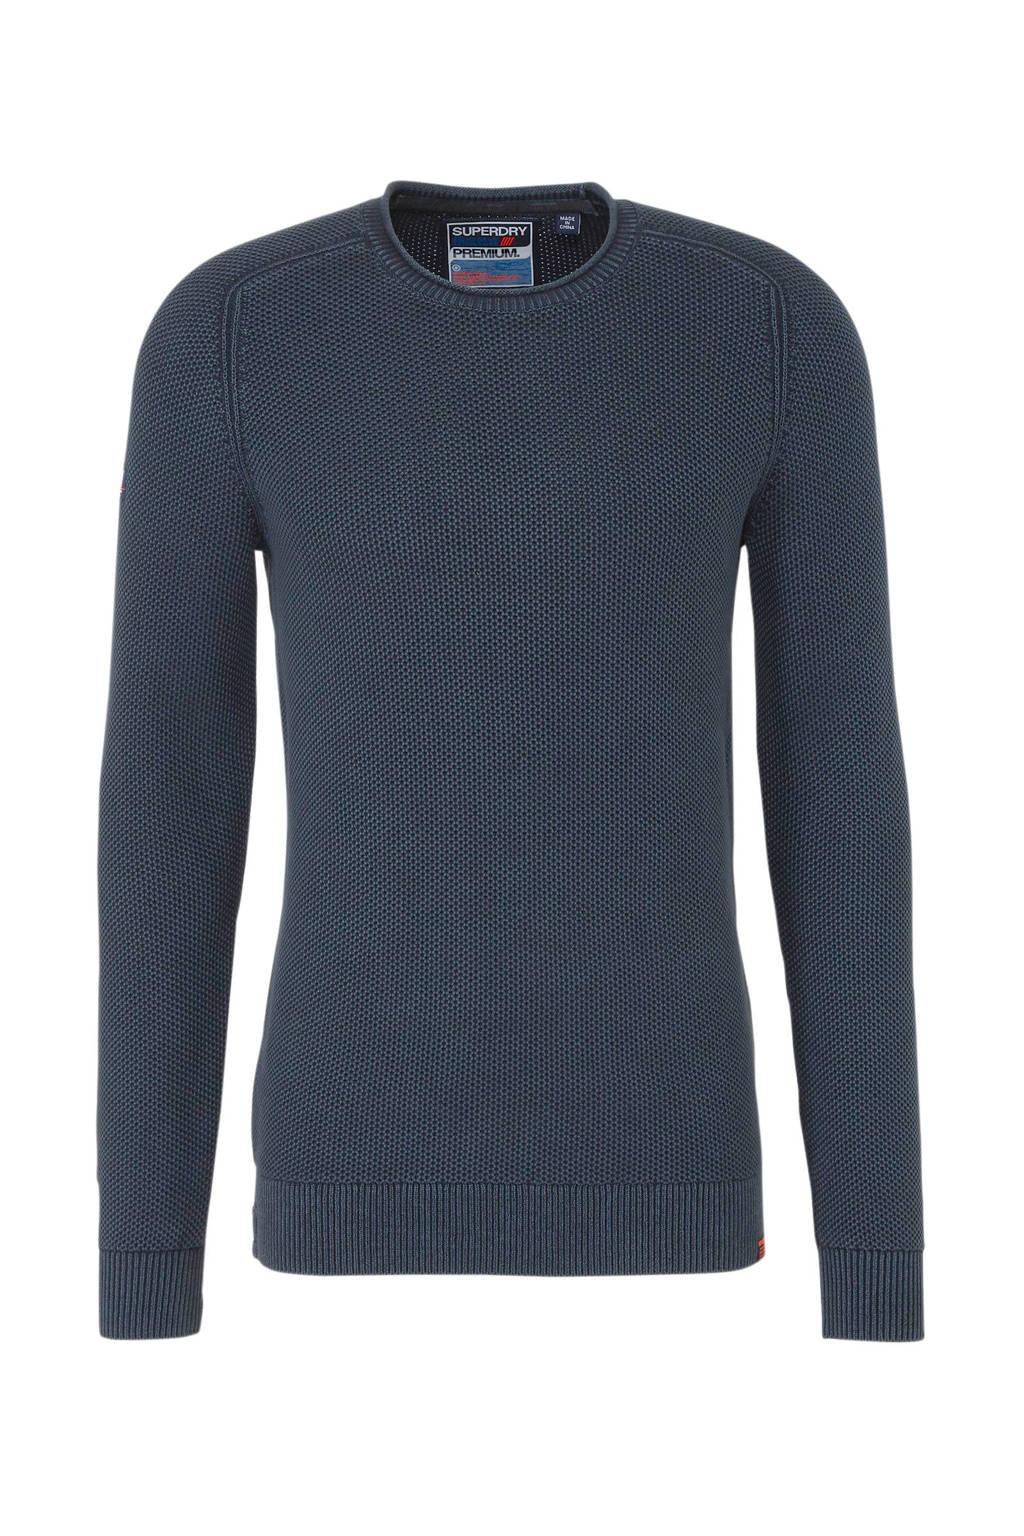 Superdry trui met textuur donkerblauw, Donkerblauw